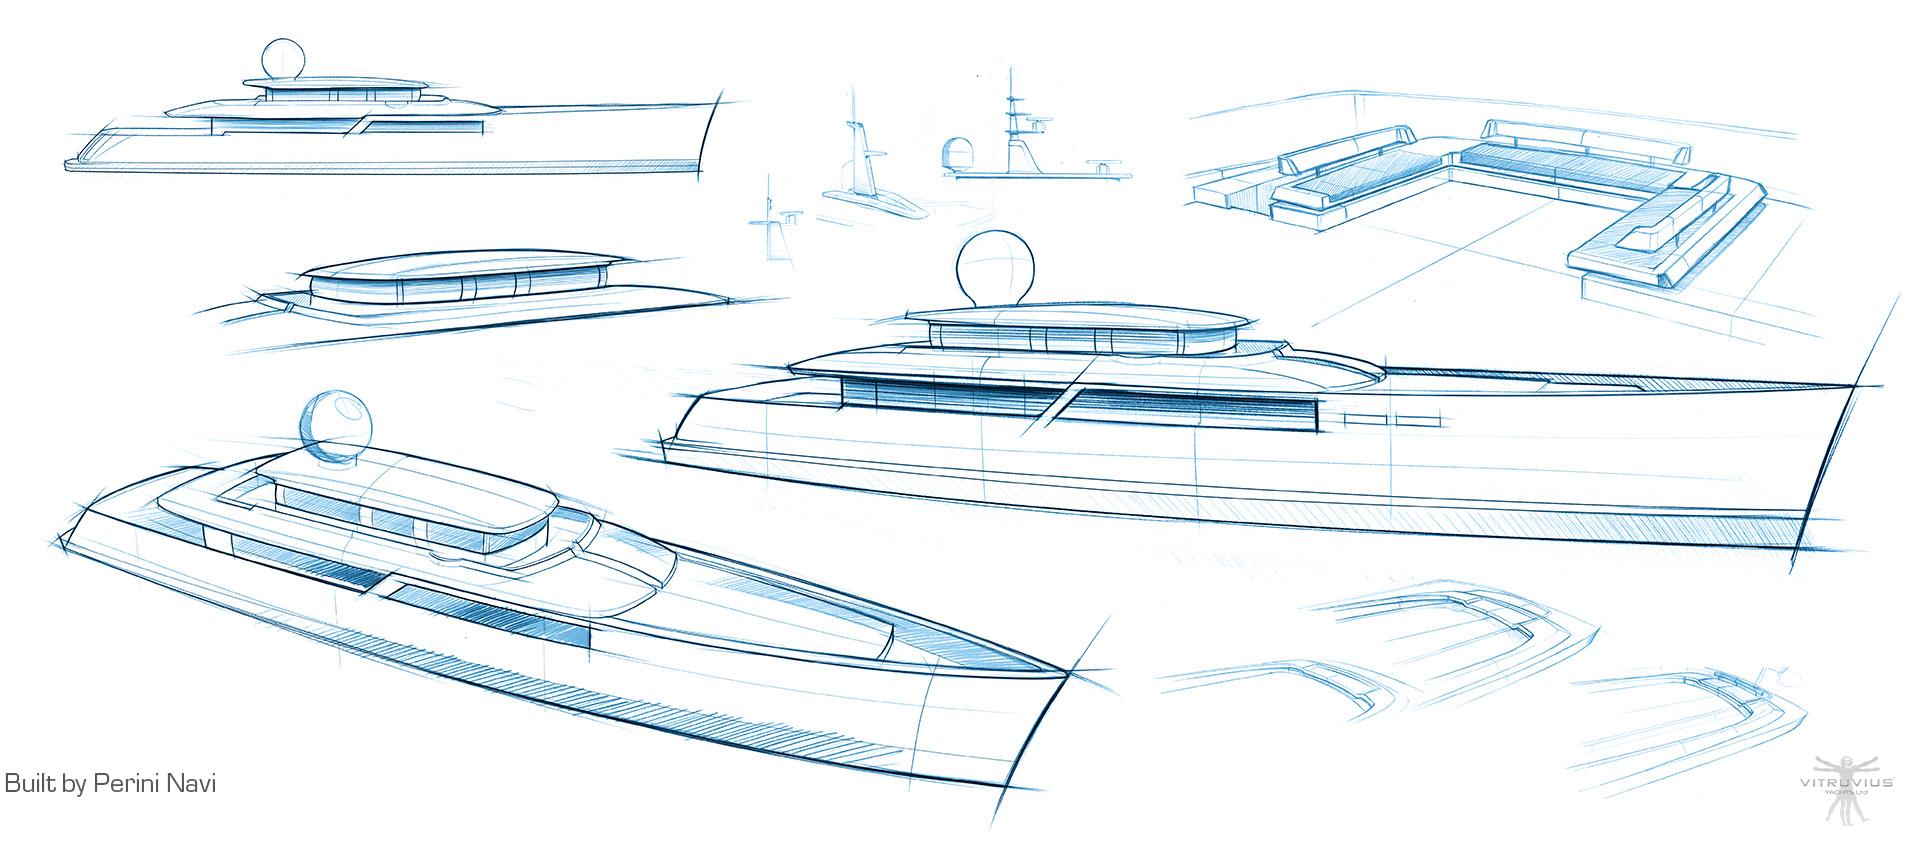 galileo g vitruvius yachts